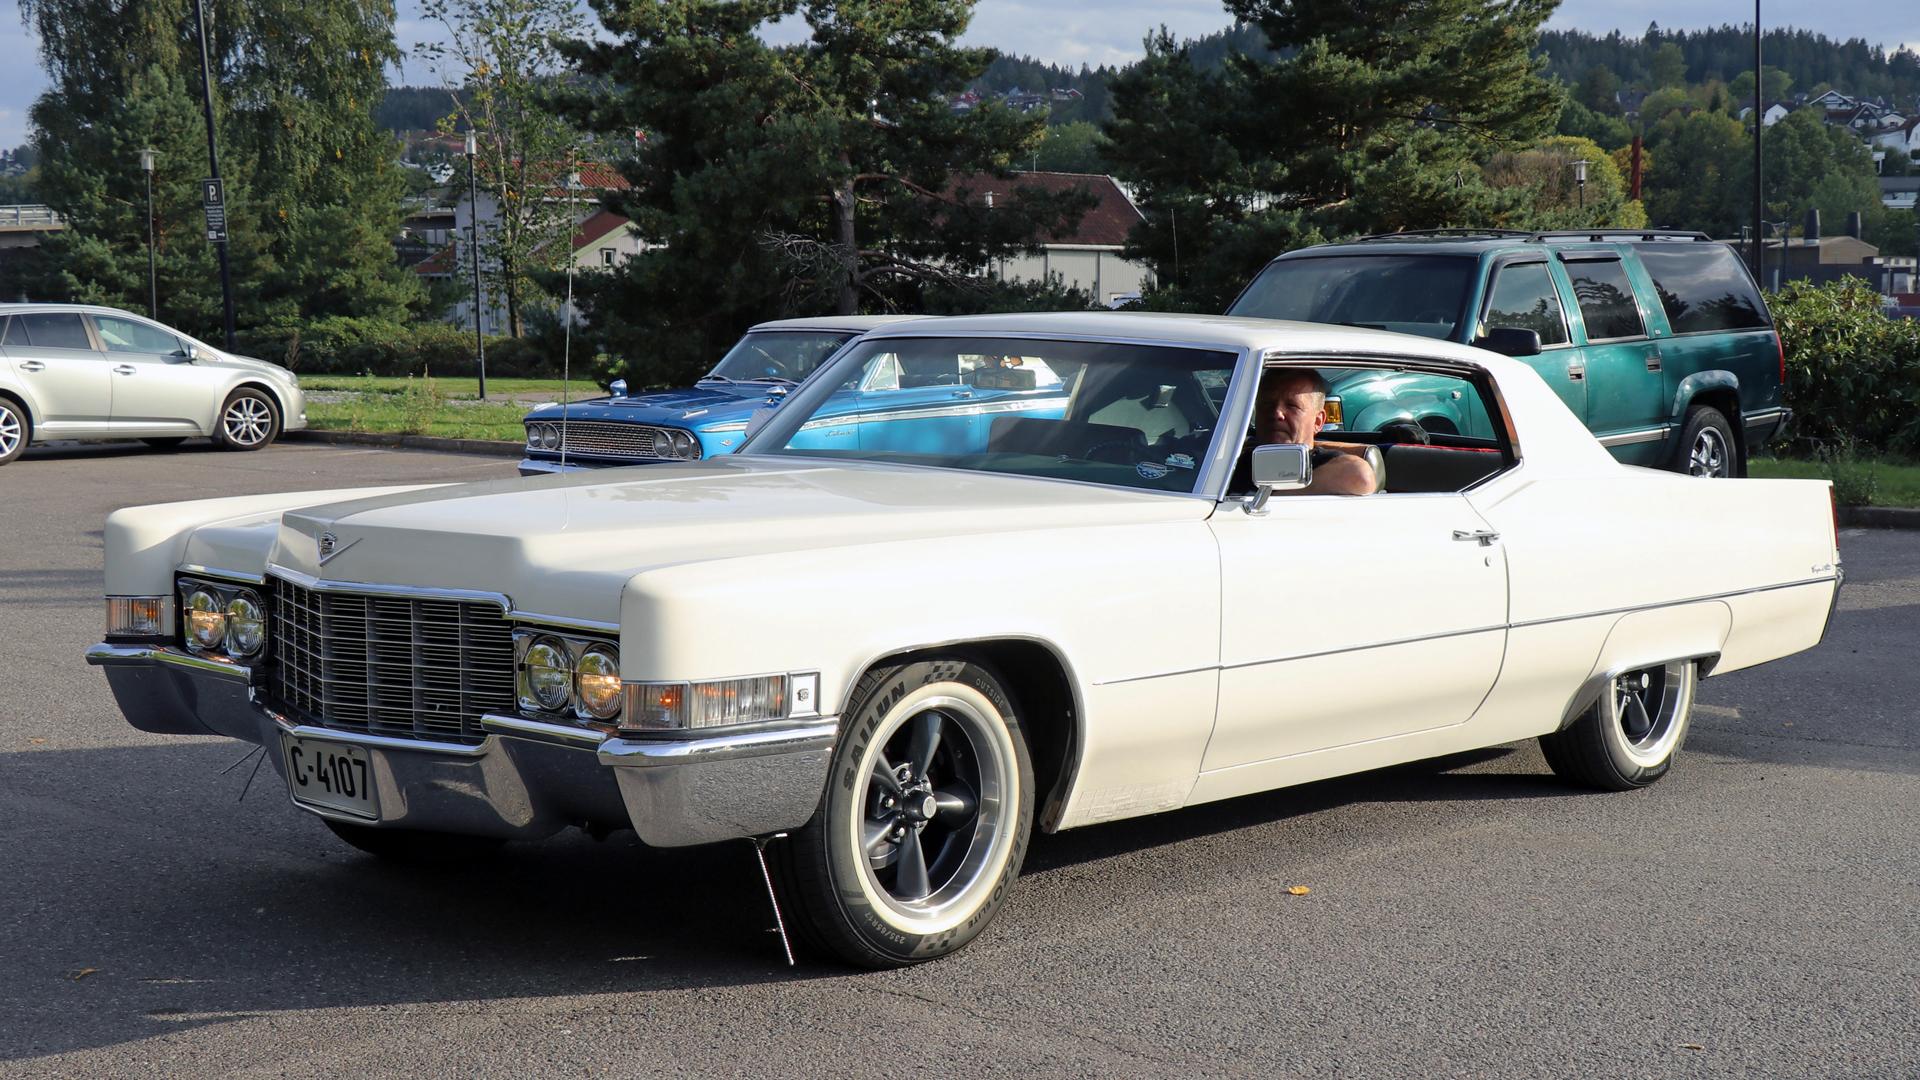 307-1969 Cadillac Coupe deVille 02. Eiere- medlem